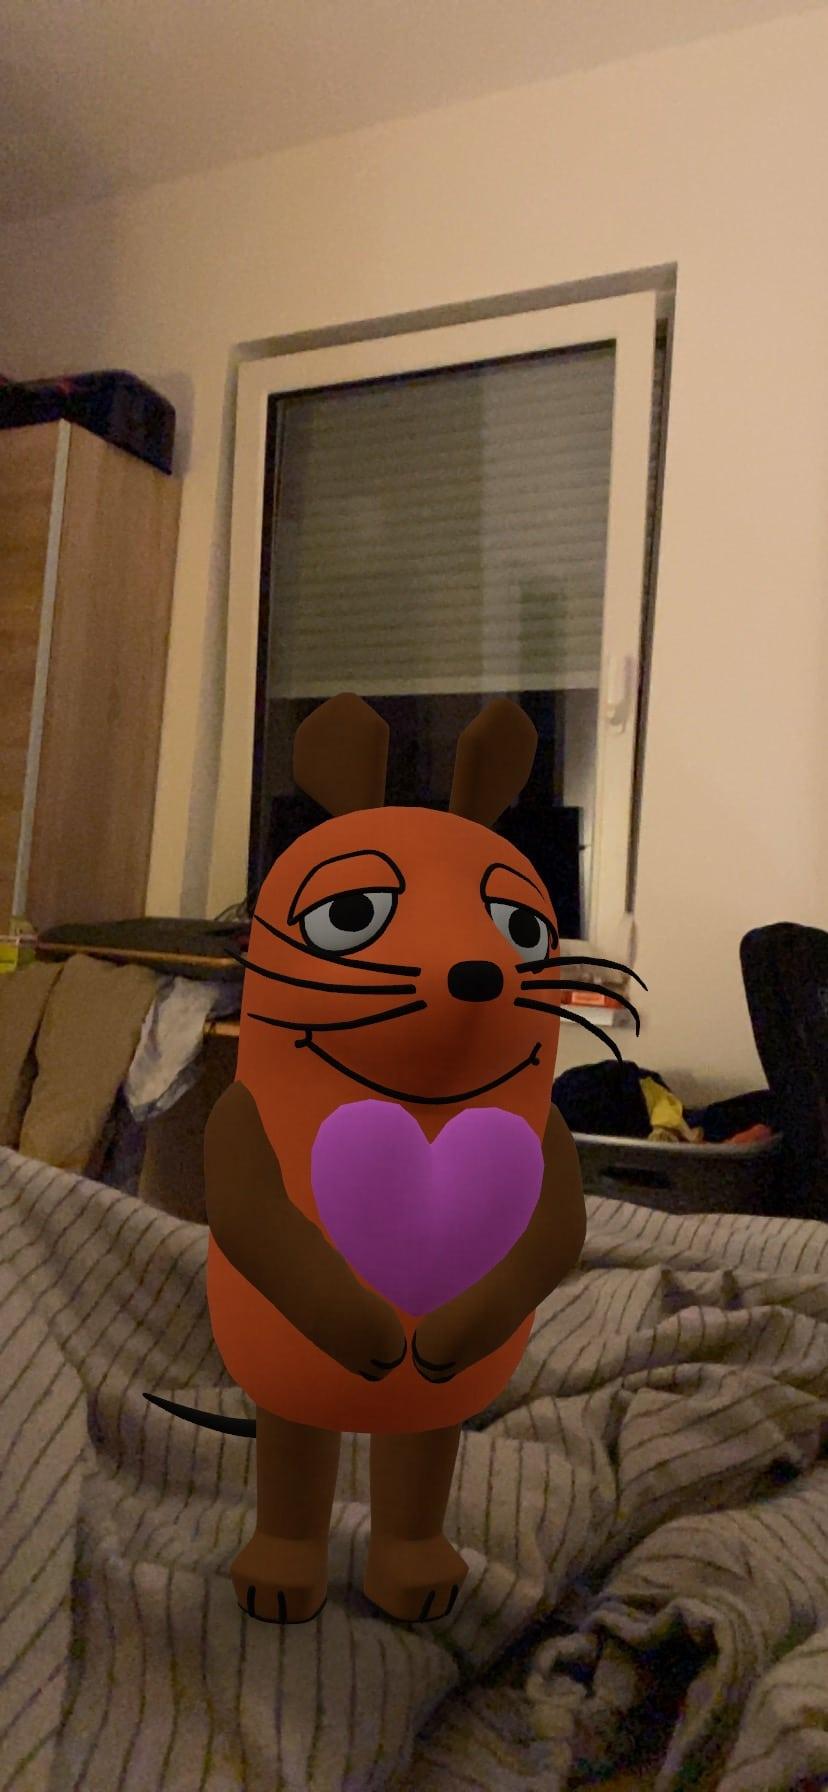 Die Maus hat Geburtstag und begrüßt mich am frühen Morgen mit einem HErz.